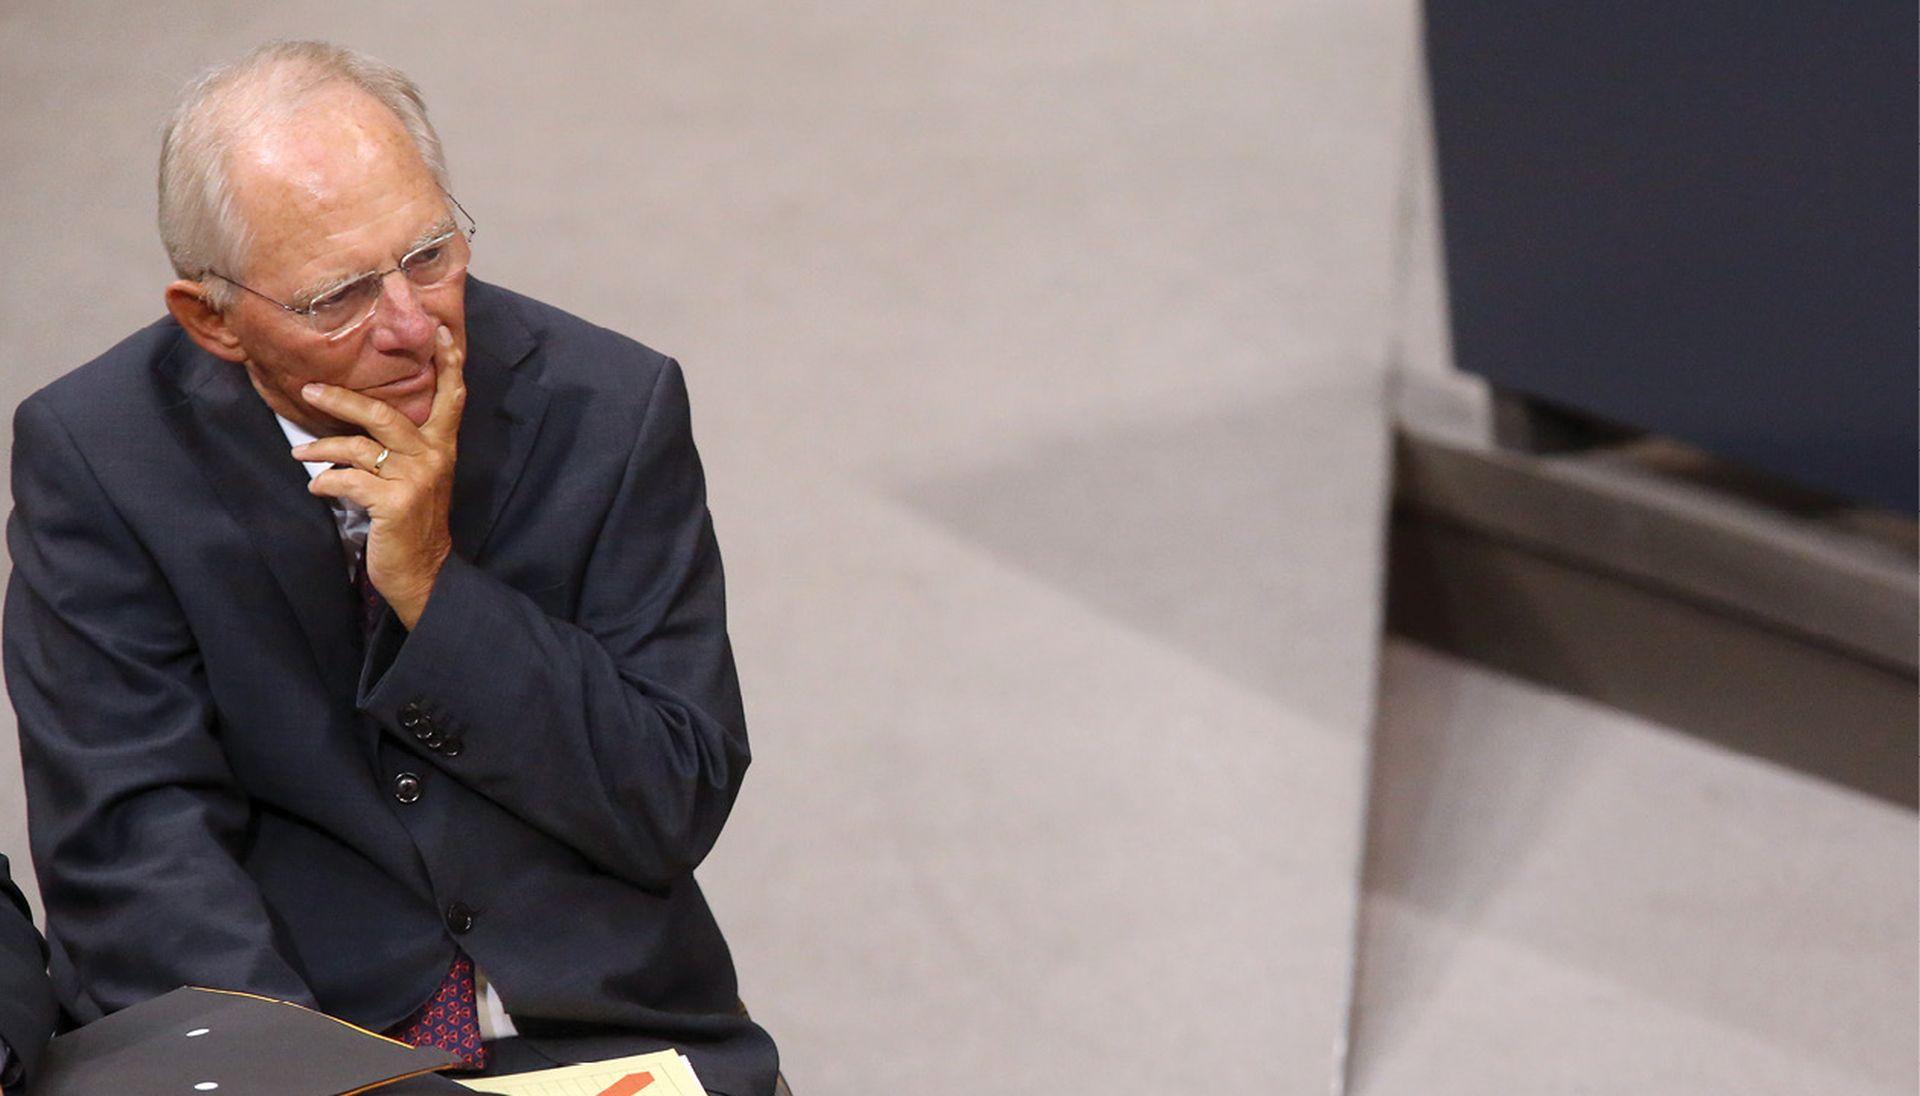 Zašto su iz Atene njemačkom ministru financija Schäubleu stigle opasne pošiljke